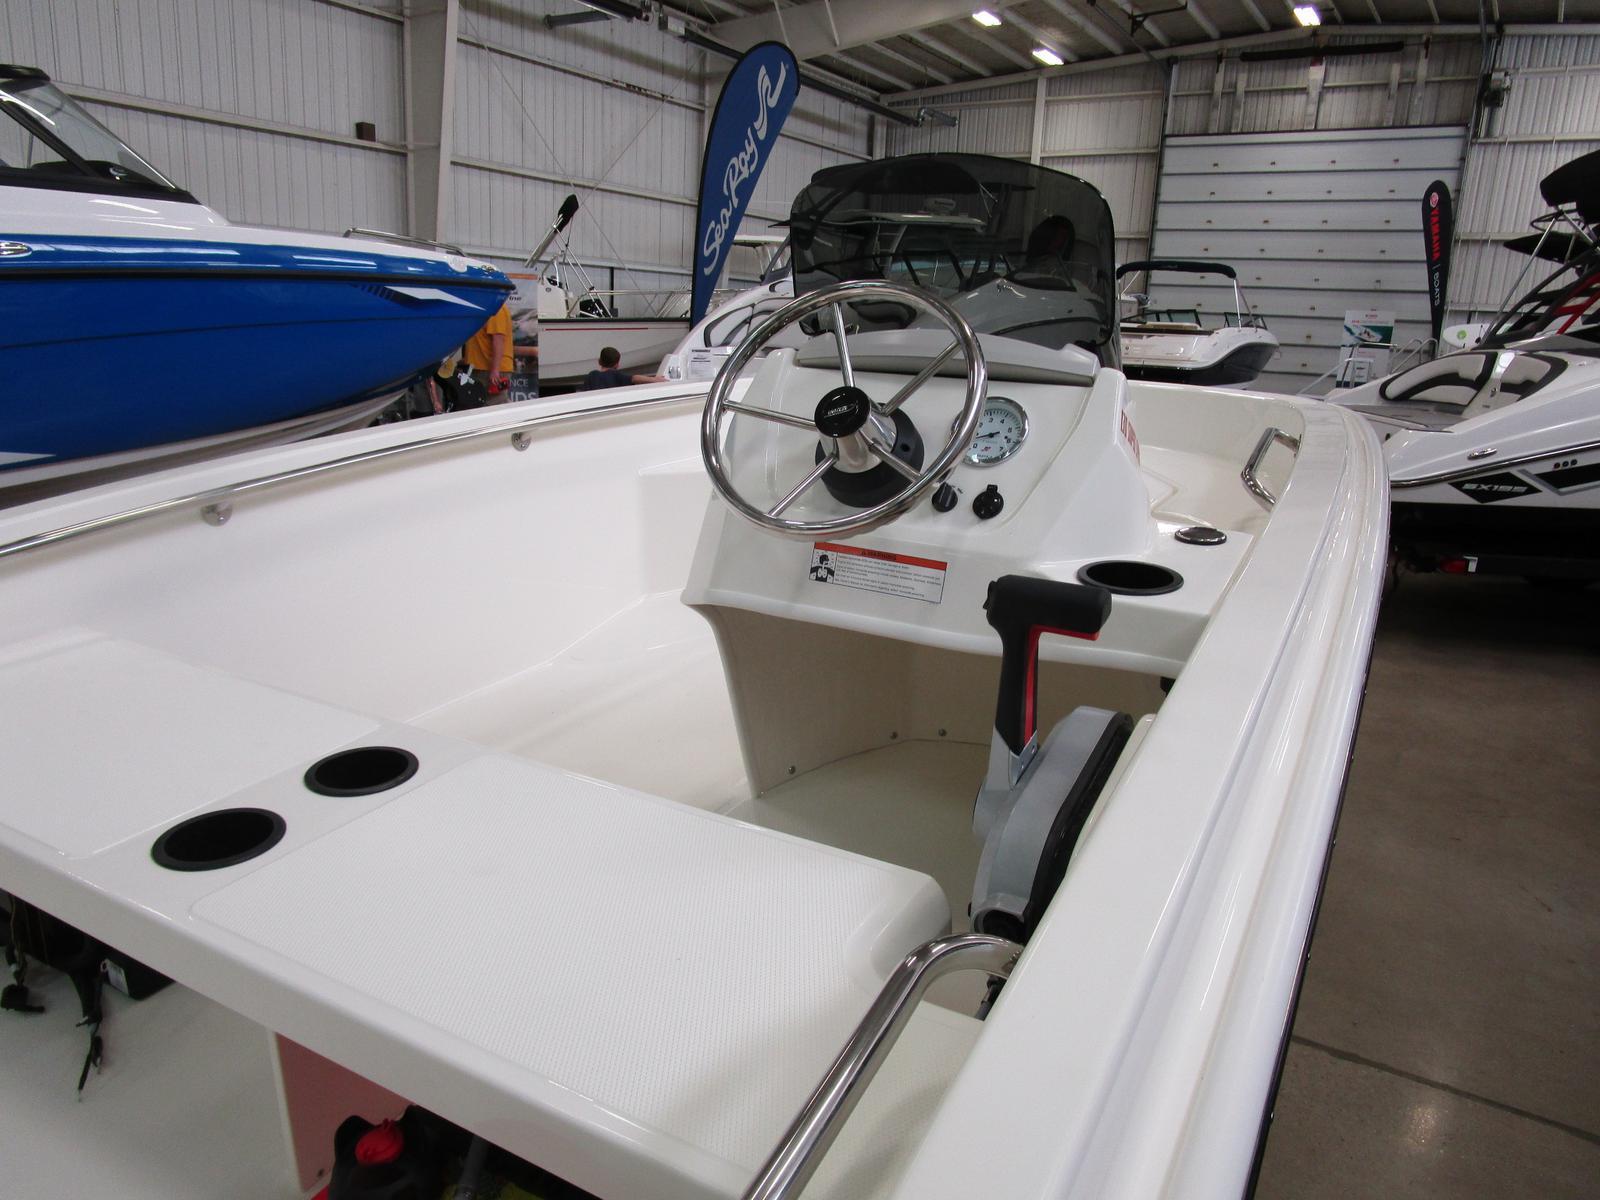 2019 Boston Whaler 130 Super Sport 2019 for sale in Michigan